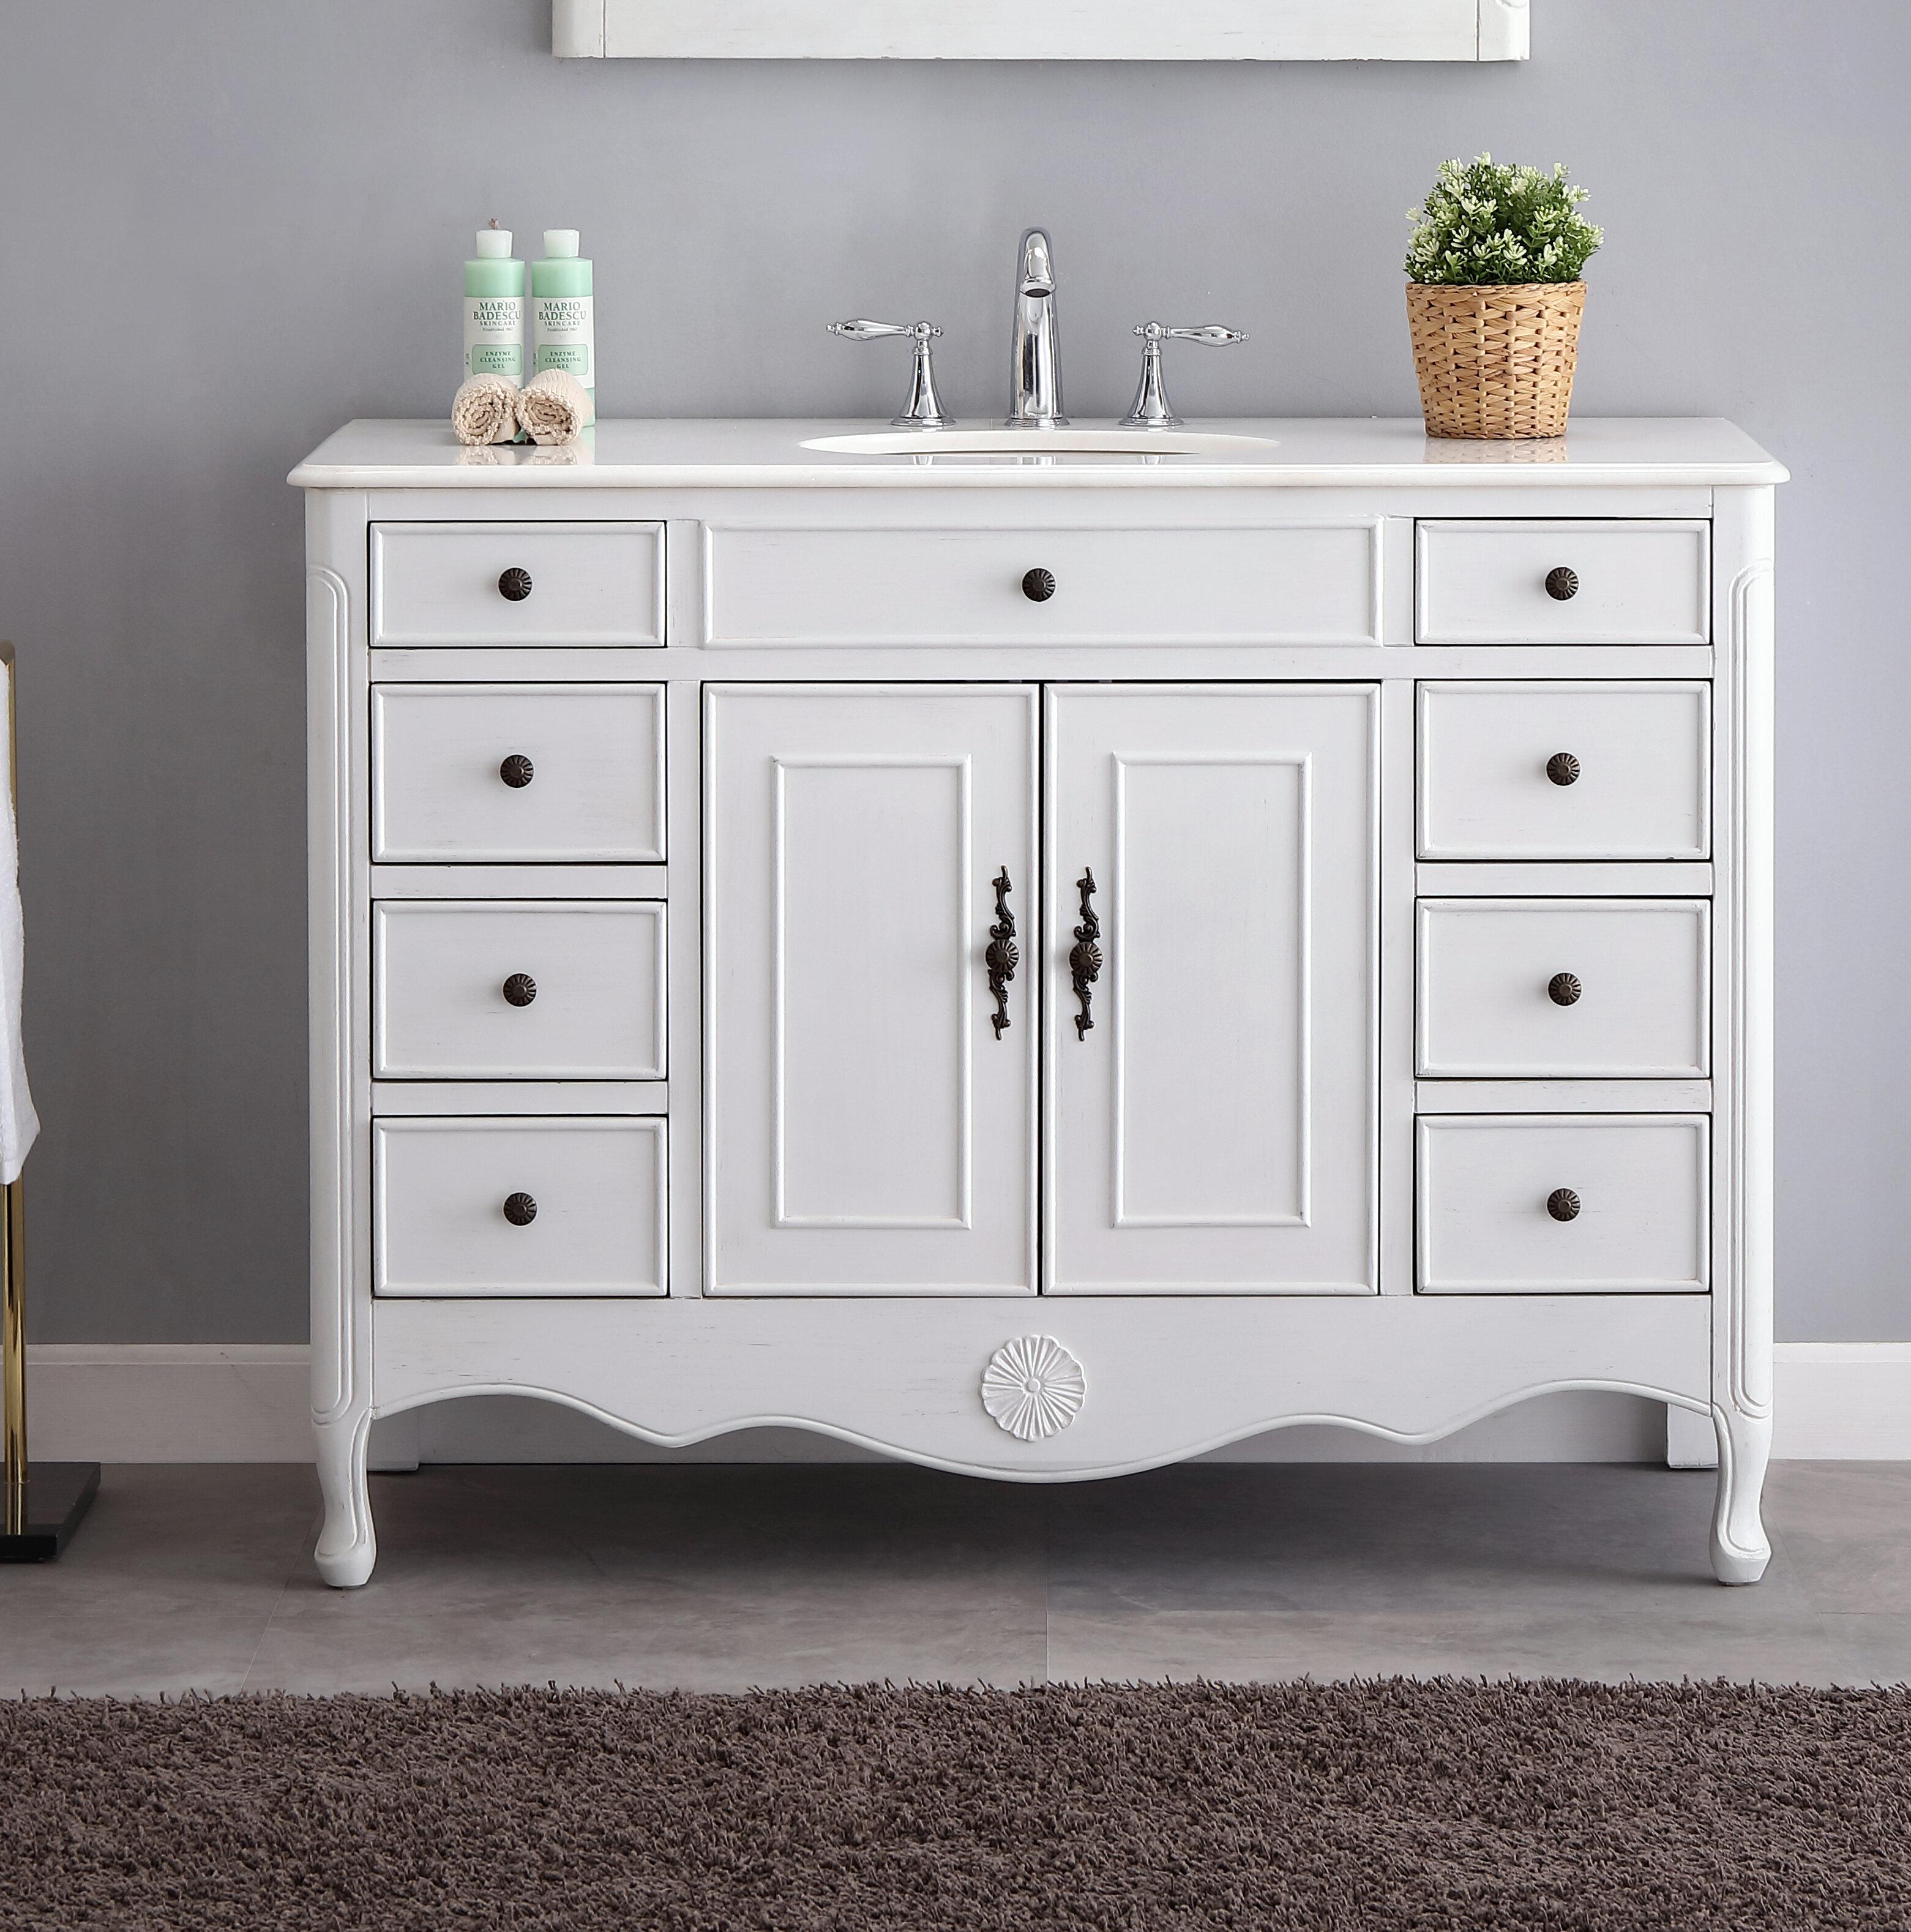 46 50 One Allium Way Bathroom Vanities You Ll Love In 2021 Wayfair